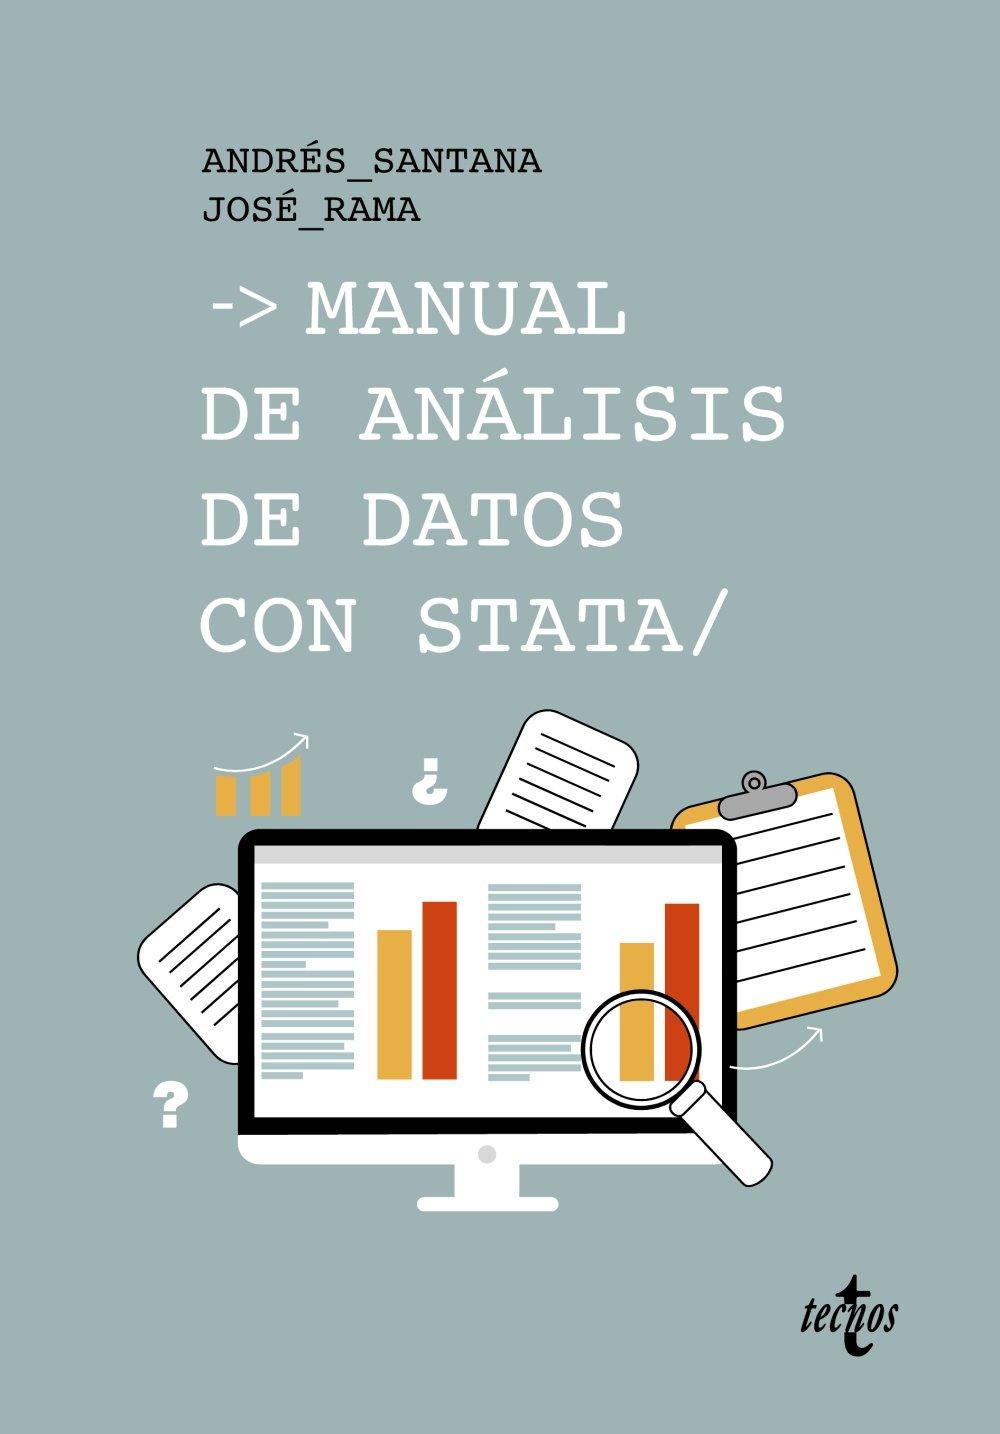 Manual de análisis de datos con Stata (Ciencia Política - Semilla Y Surco - Serie De Ciencia Política) Tapa blanda – 5 oct 2017 Andrés Santana José Rama Tecnos 8430971645